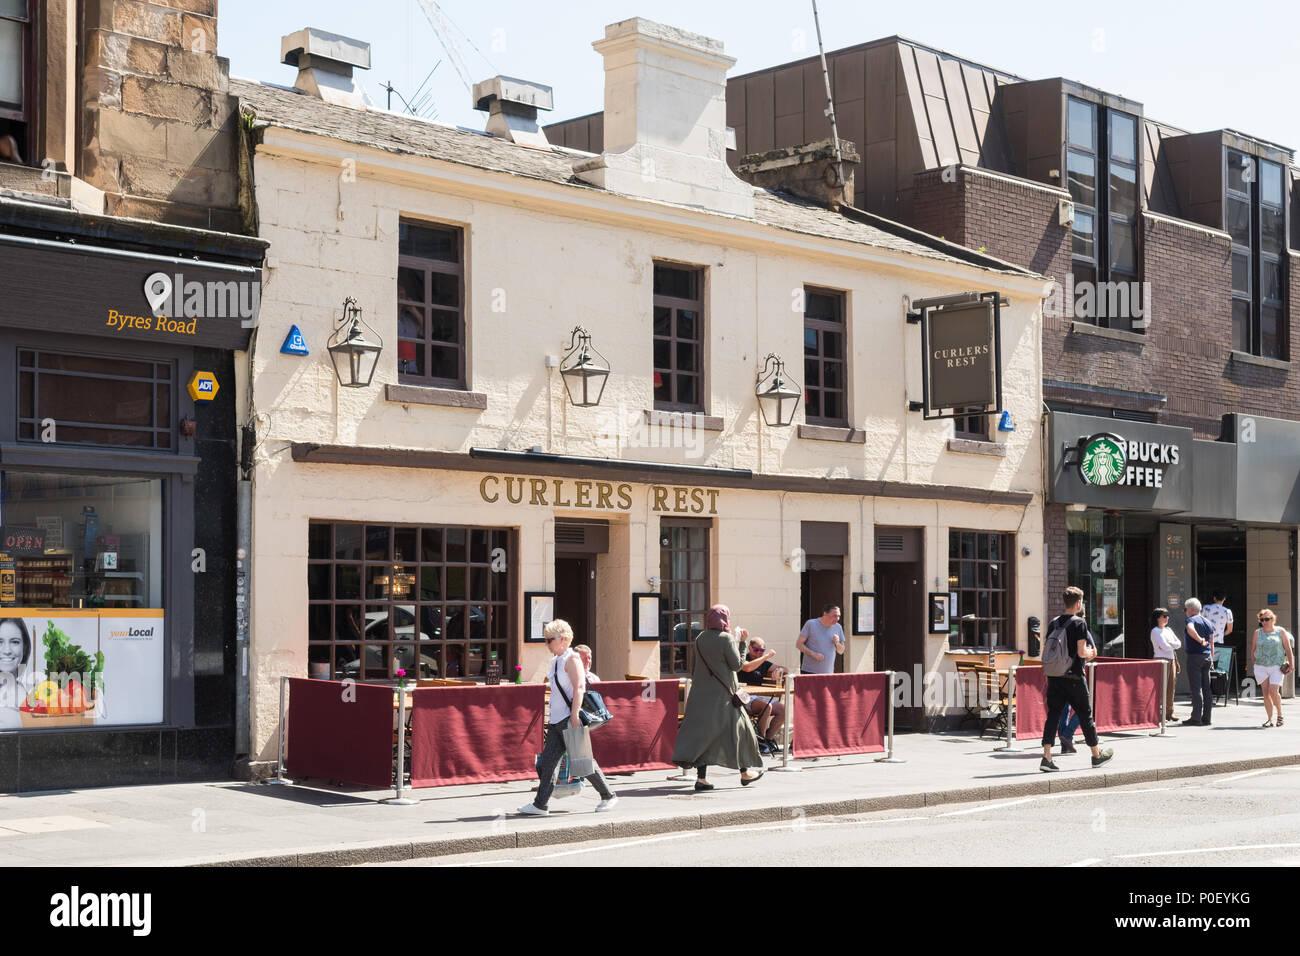 Rizadores resto Pub, Byres Road, Glasgow, Escocia, Reino Unido Imagen De Stock